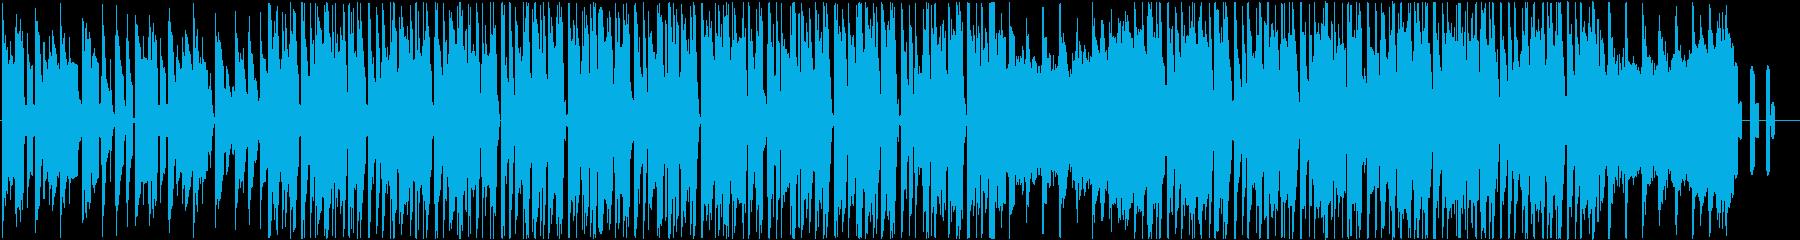 可愛く怪しいJAZZYなチップチューンの再生済みの波形